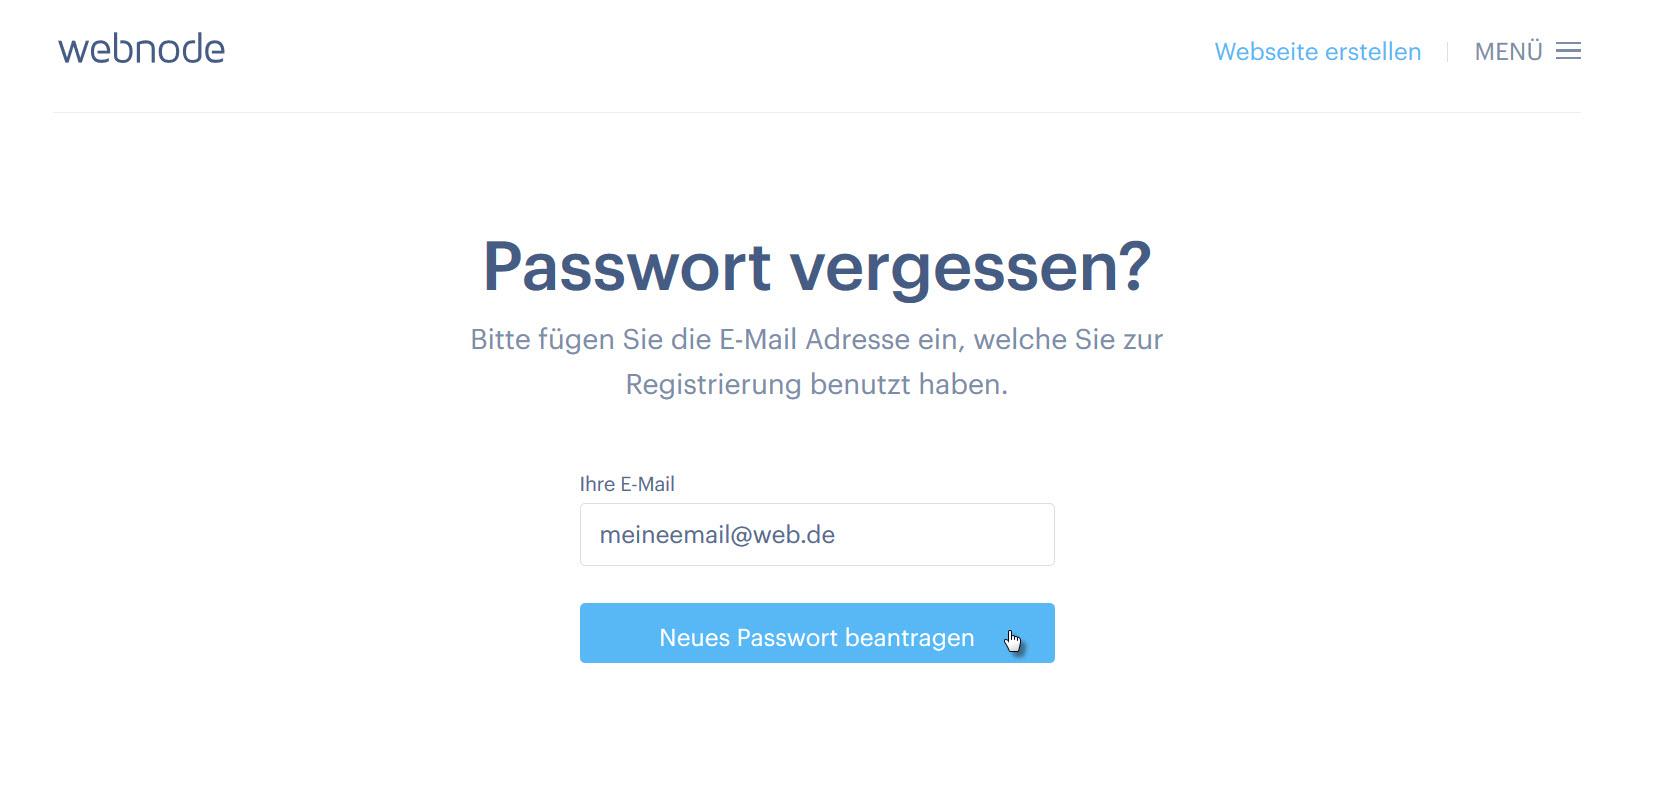 Live De Passwort Vergessen